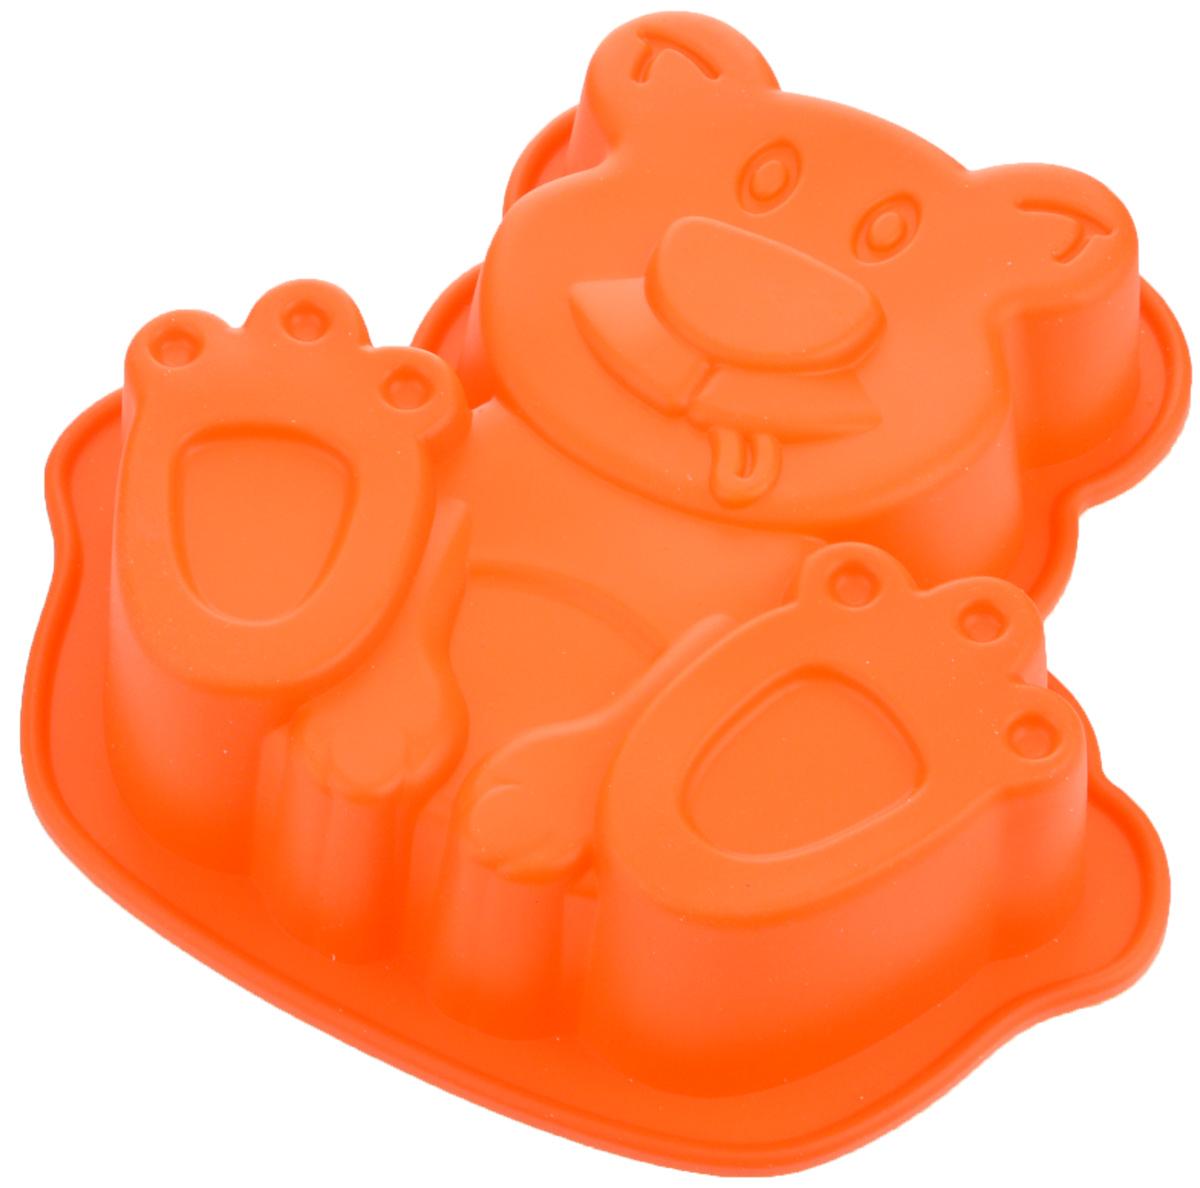 Форма для выпечки Mayer & Boch Собачка, цвет: оранжевый, 20,5 х 20 см24614_оранжевыйФорма Mayer & Boch Собачка выполнена из силикона и предназначена для изготовления выпечки, желе или льда. Оригинальный способ подачи изделий не оставит равнодушным родных и друзей. Форма выдерживает от -40°С до +230°С. Она эластична, износостойка, легко моется, не горит и не тлеет, не впитывает запахи, не оставляет пятен. Силикон абсолютно безвреден для здоровья. Можно мыть в посудомоечной машине. Внешние размеры формы: 20,5 х 20 х 4,5 см. Внутренние размеры формы: 17 х 17,5 х 4 см.